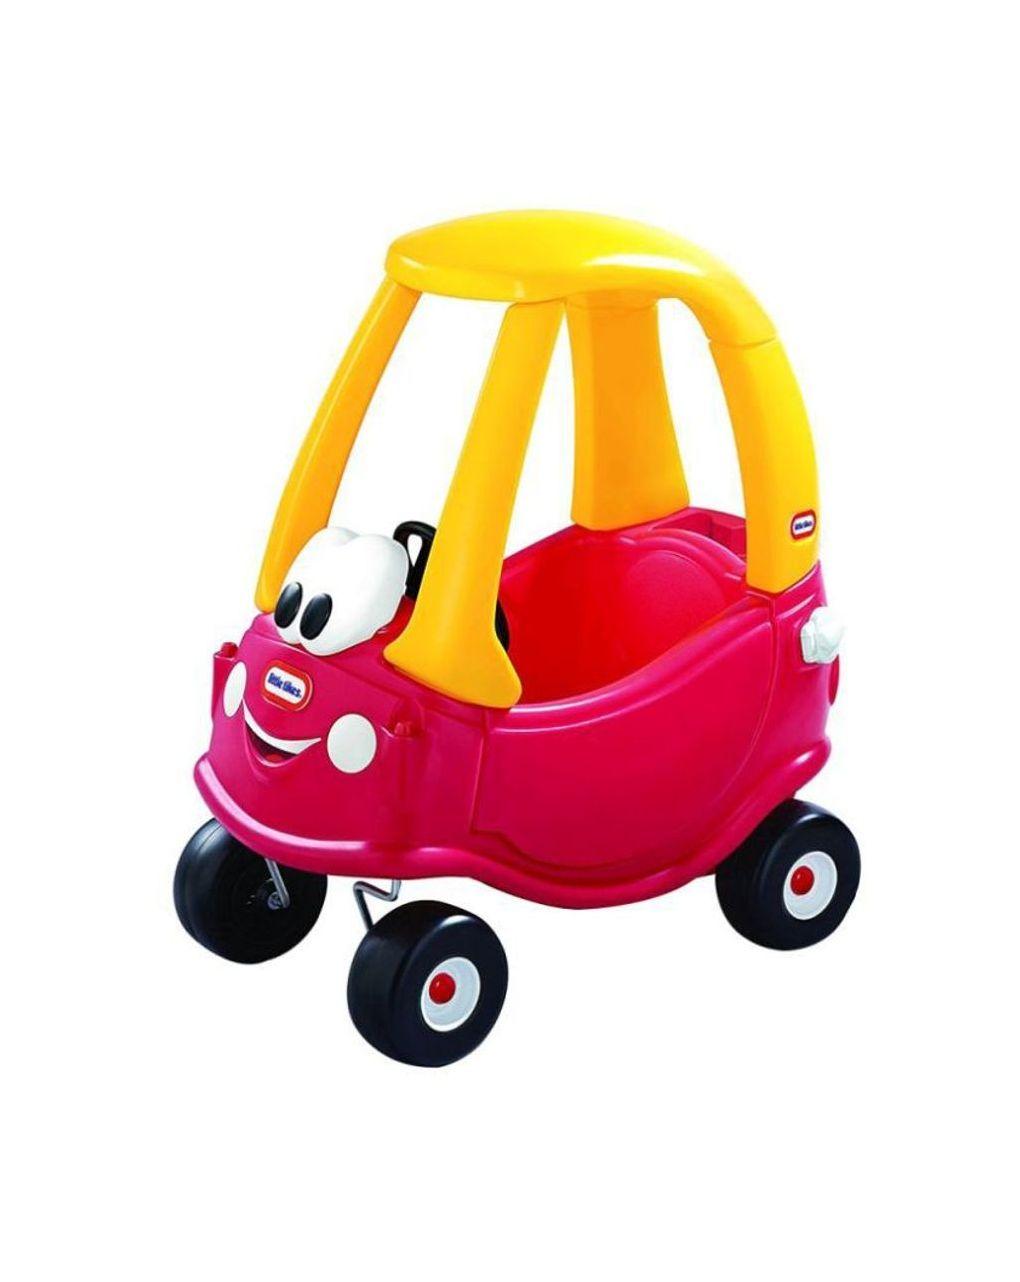 Coupé auto aconchegante 61206000000 - Little tikes